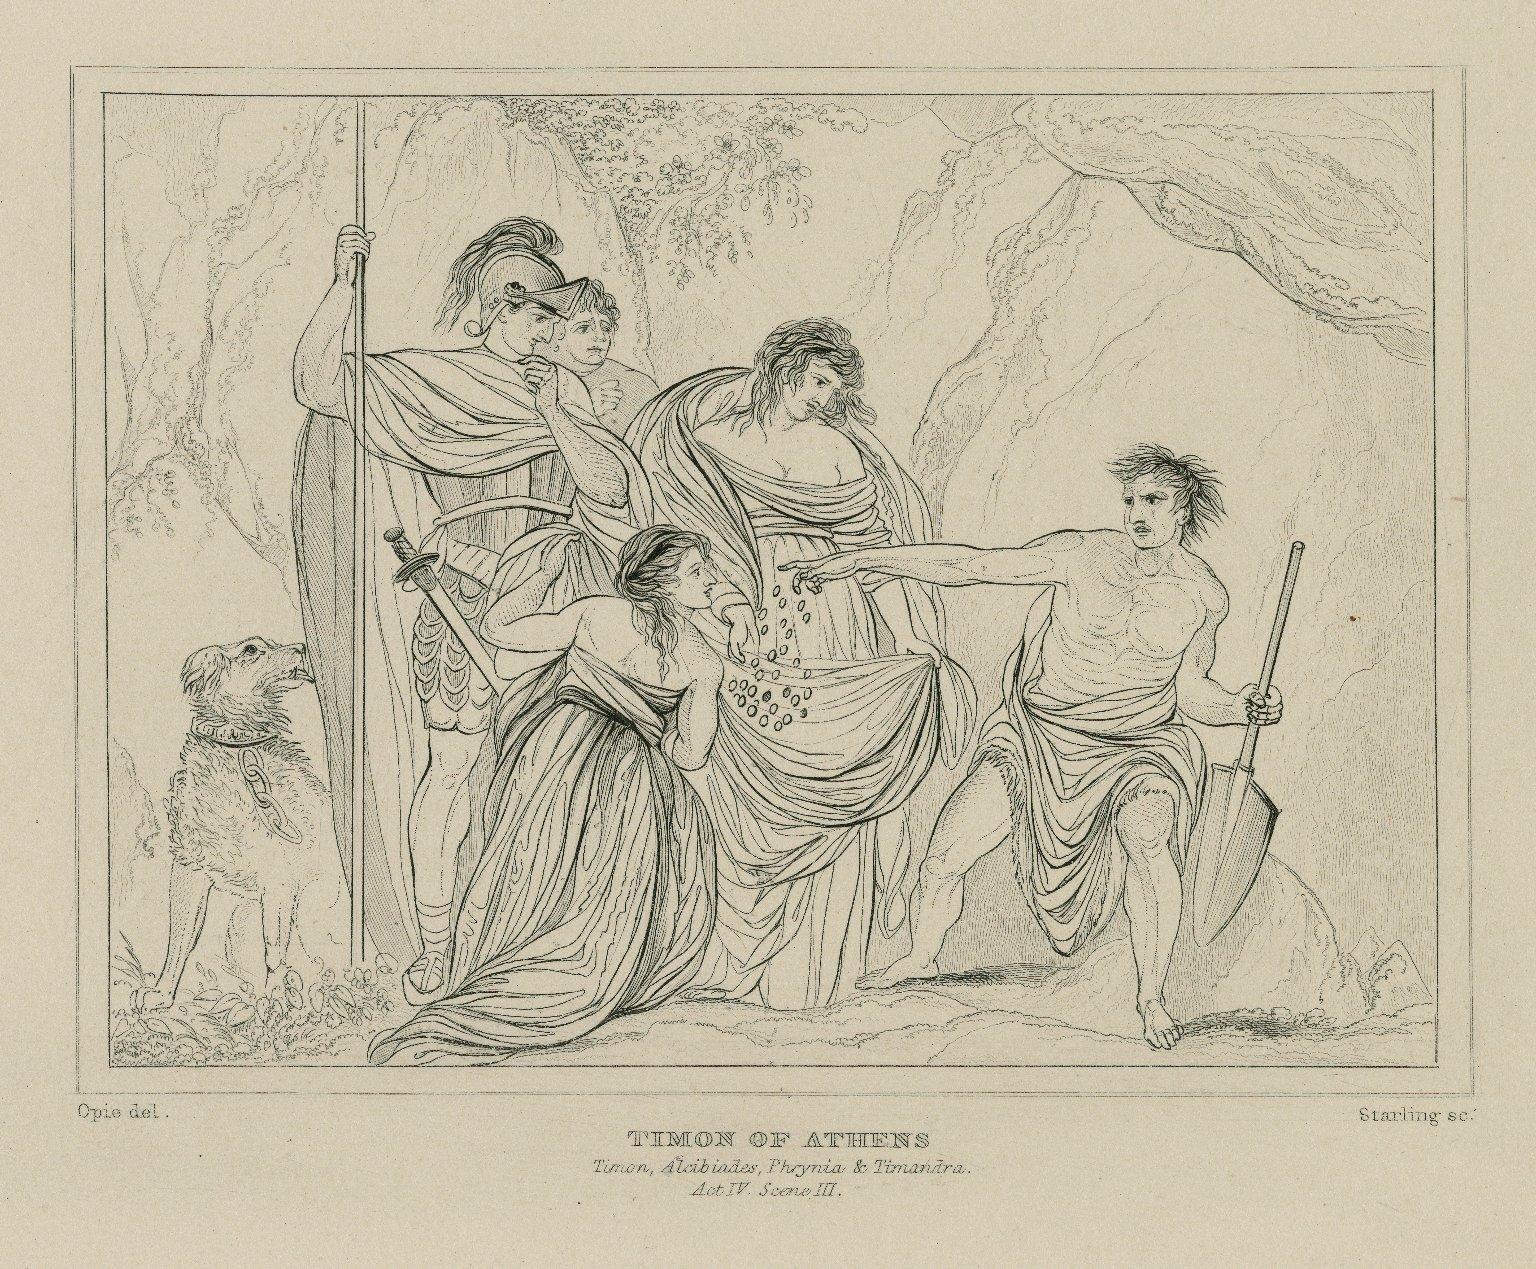 Timon of Athens, Timon, Alcibiades, Phrynia & Timandra, act IV, scene III [graphic] / Opie, del. ; Starling, sc.